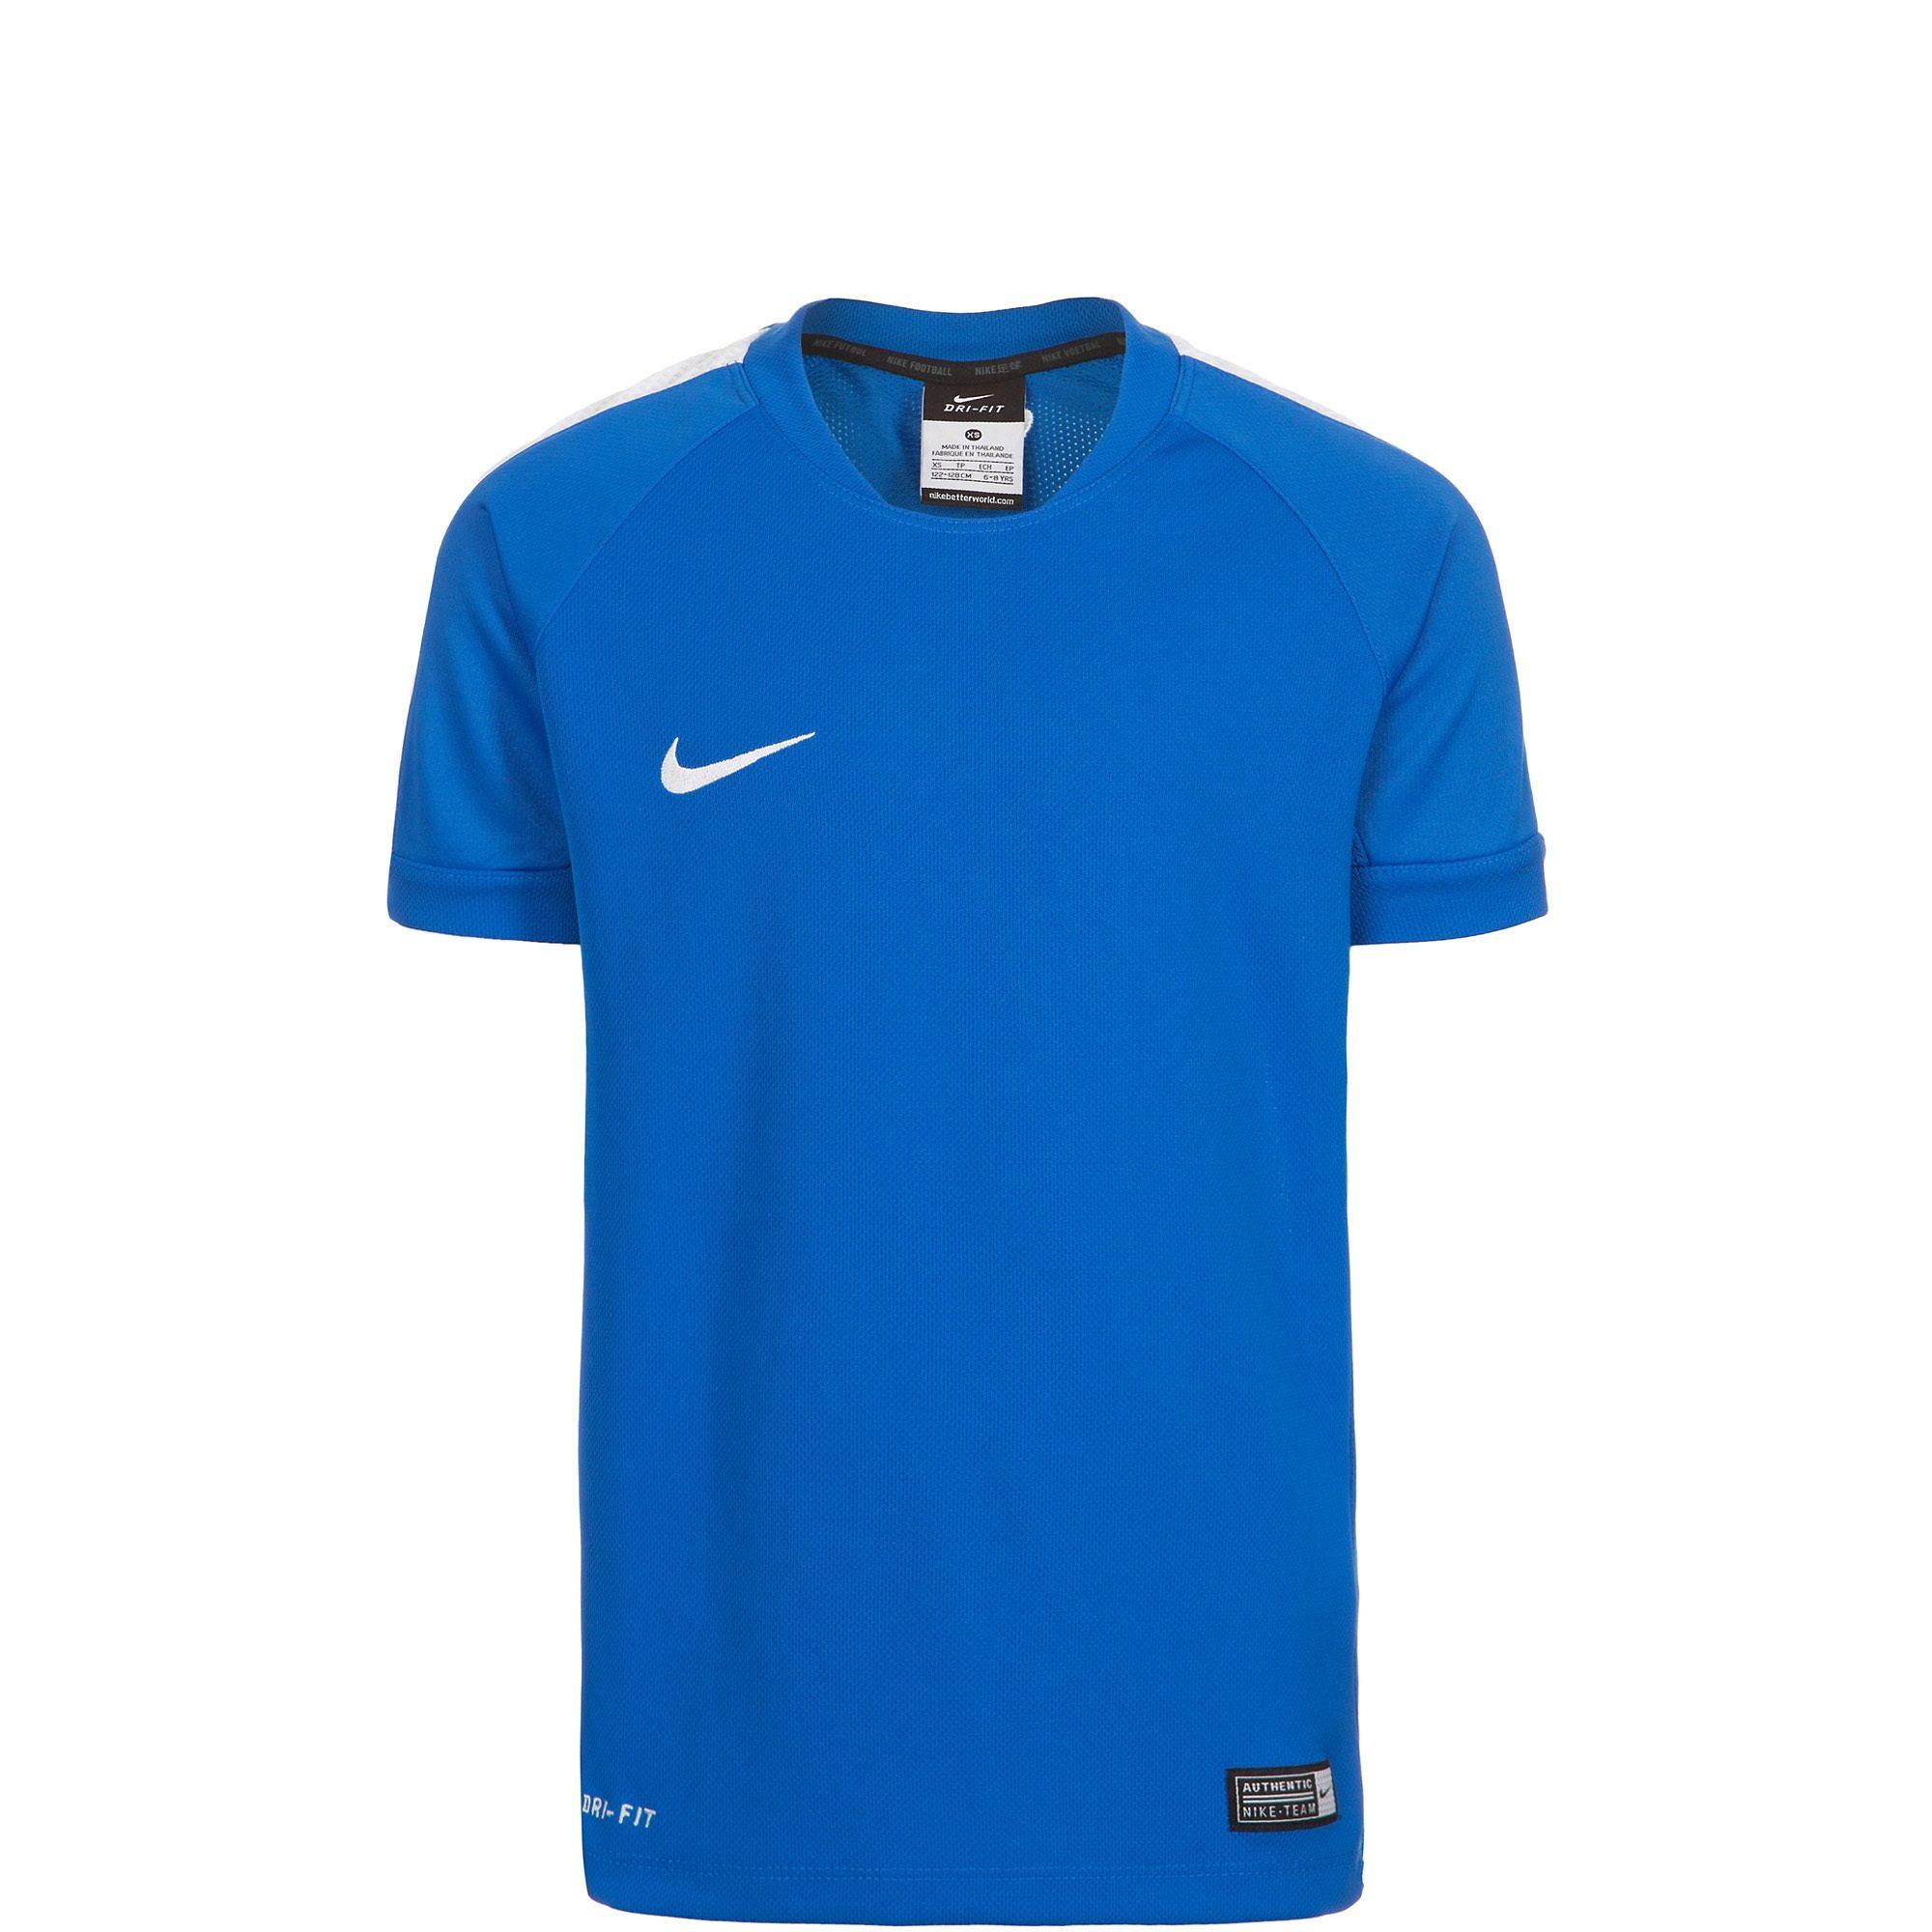 Afbeeldingsbron: Nike Squad 15 Flash trainingsshirt voor kinderen